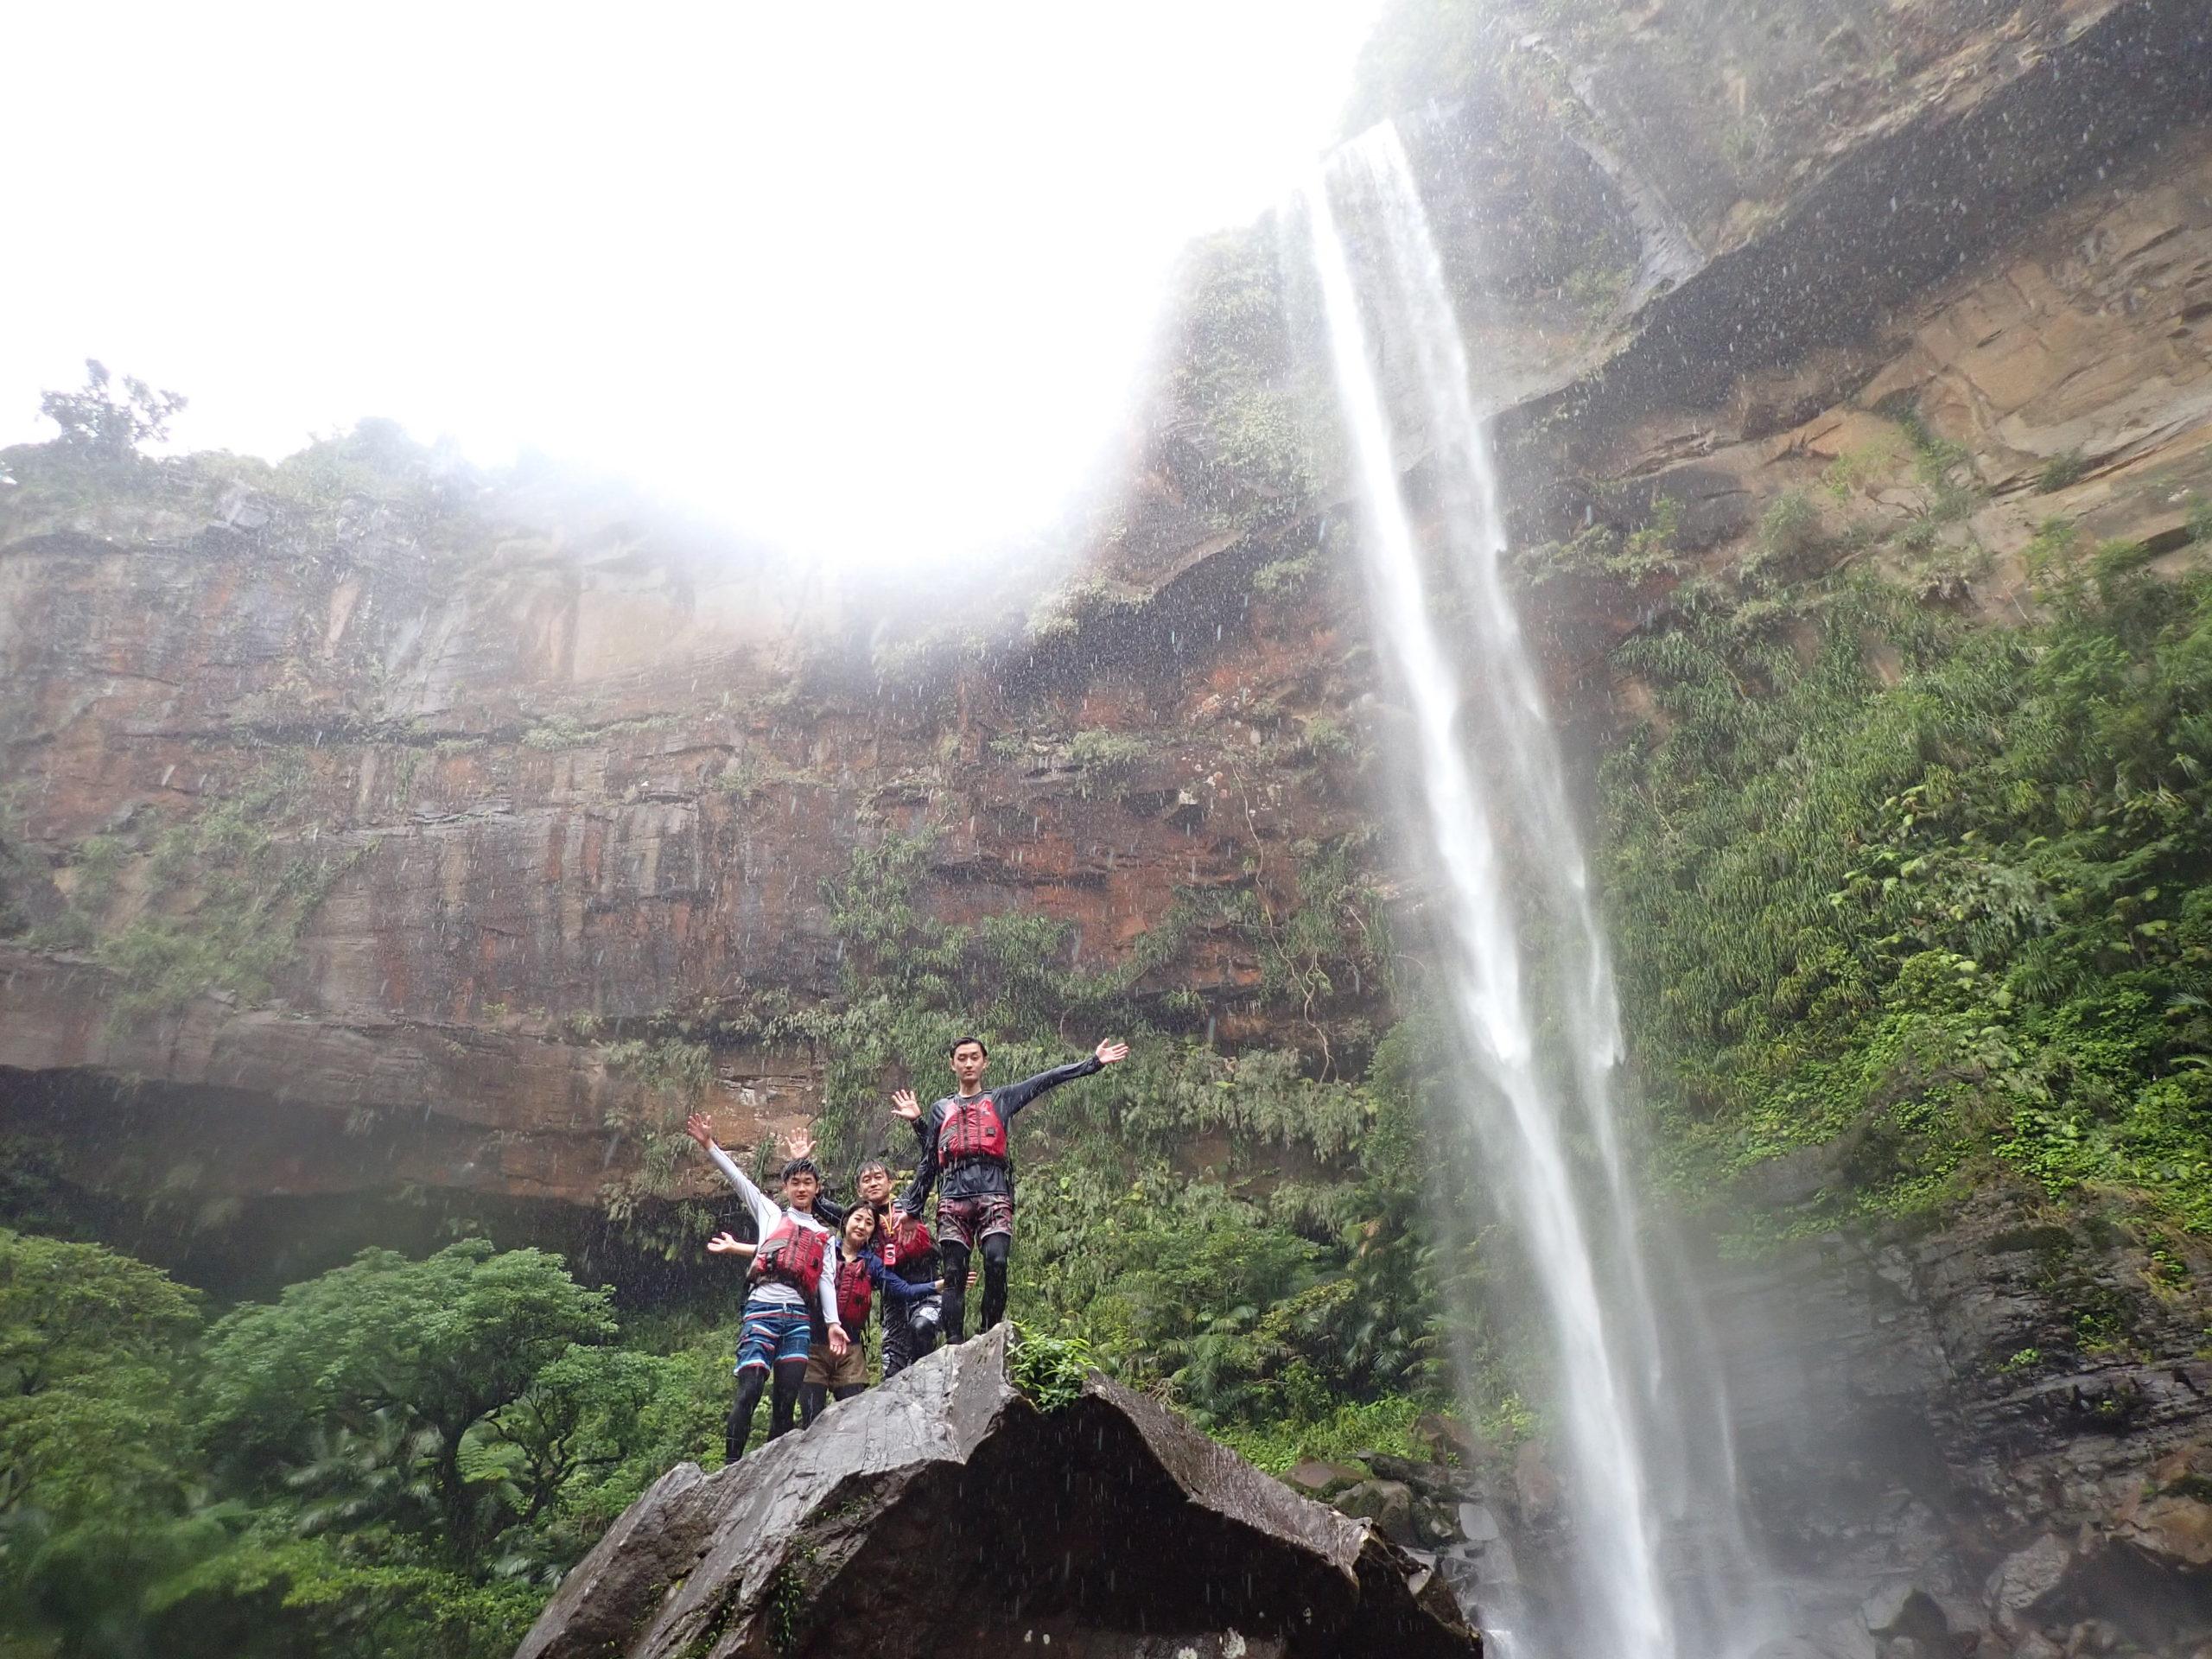 家族で西表島を満喫!ピナイサーラの滝カヌー&由布島ツアー